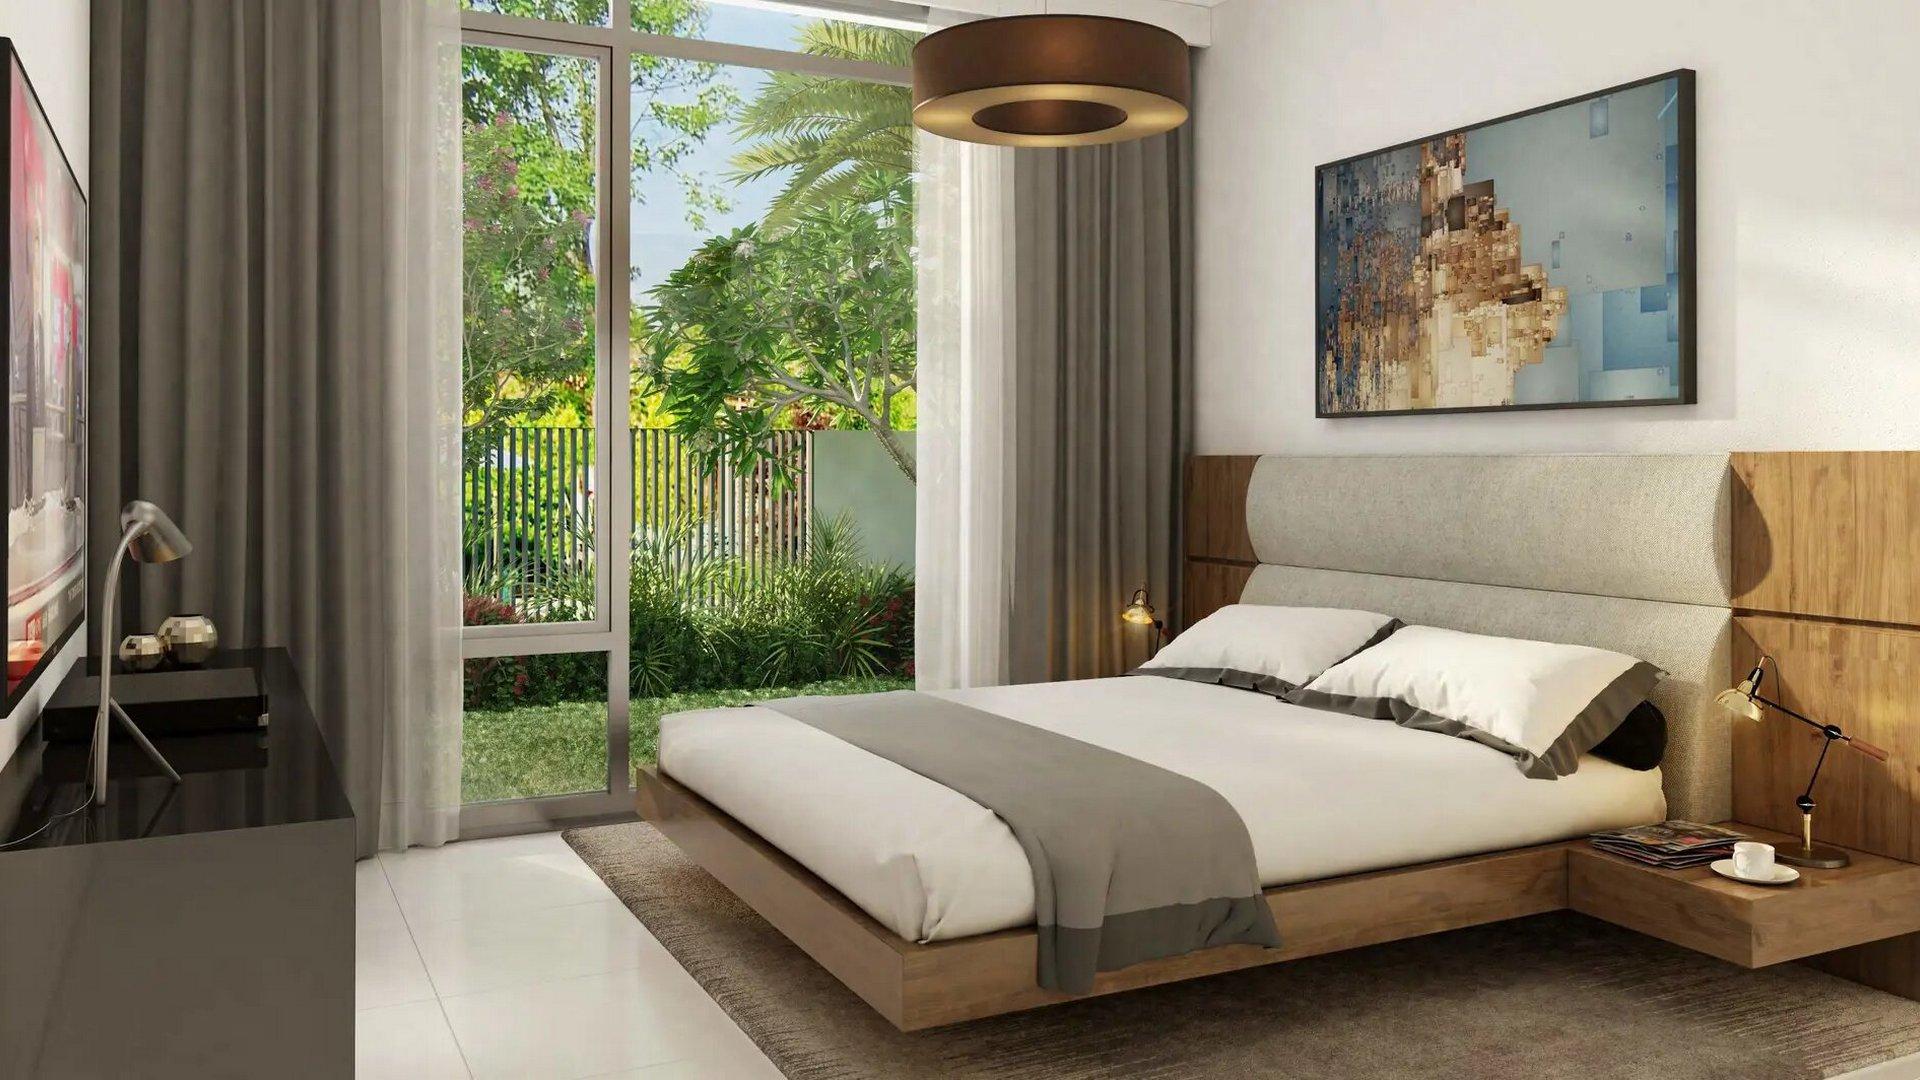 Adosado en venta en Dubai, EAU, 3 dormitorios, 434 m2, № 24268 – foto 2